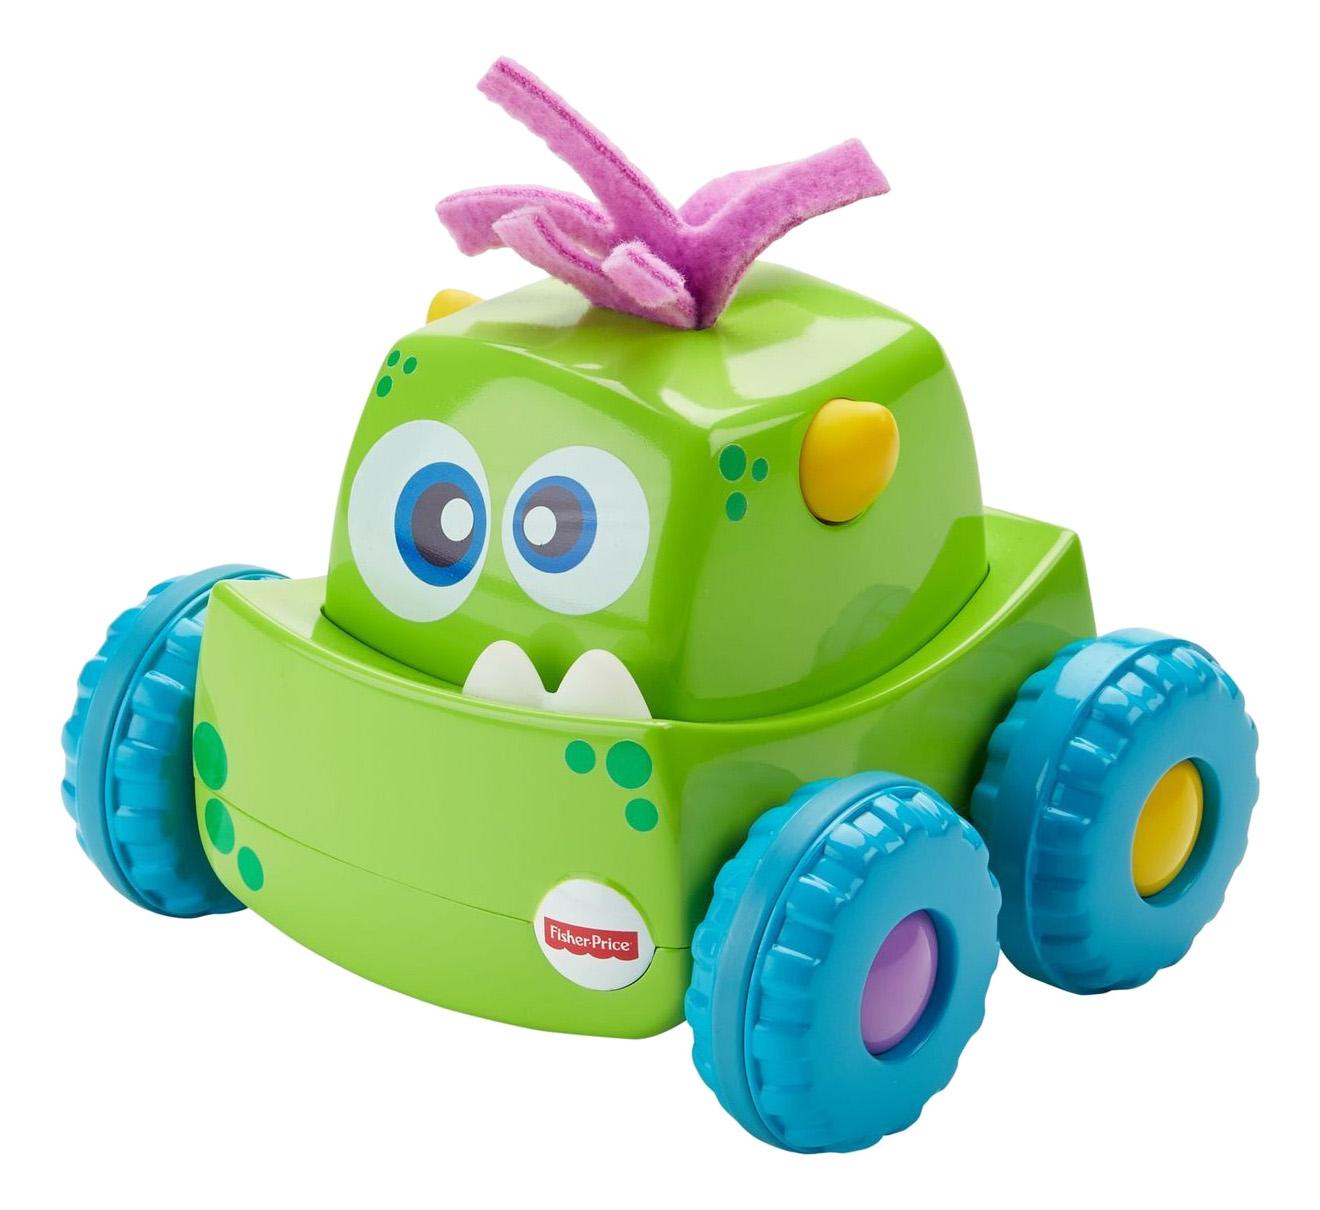 Купить Монстрик зеленый, Развивающая игрушка Fisher-Price Монстрик зеленый, Mattel, Развивающие игрушки